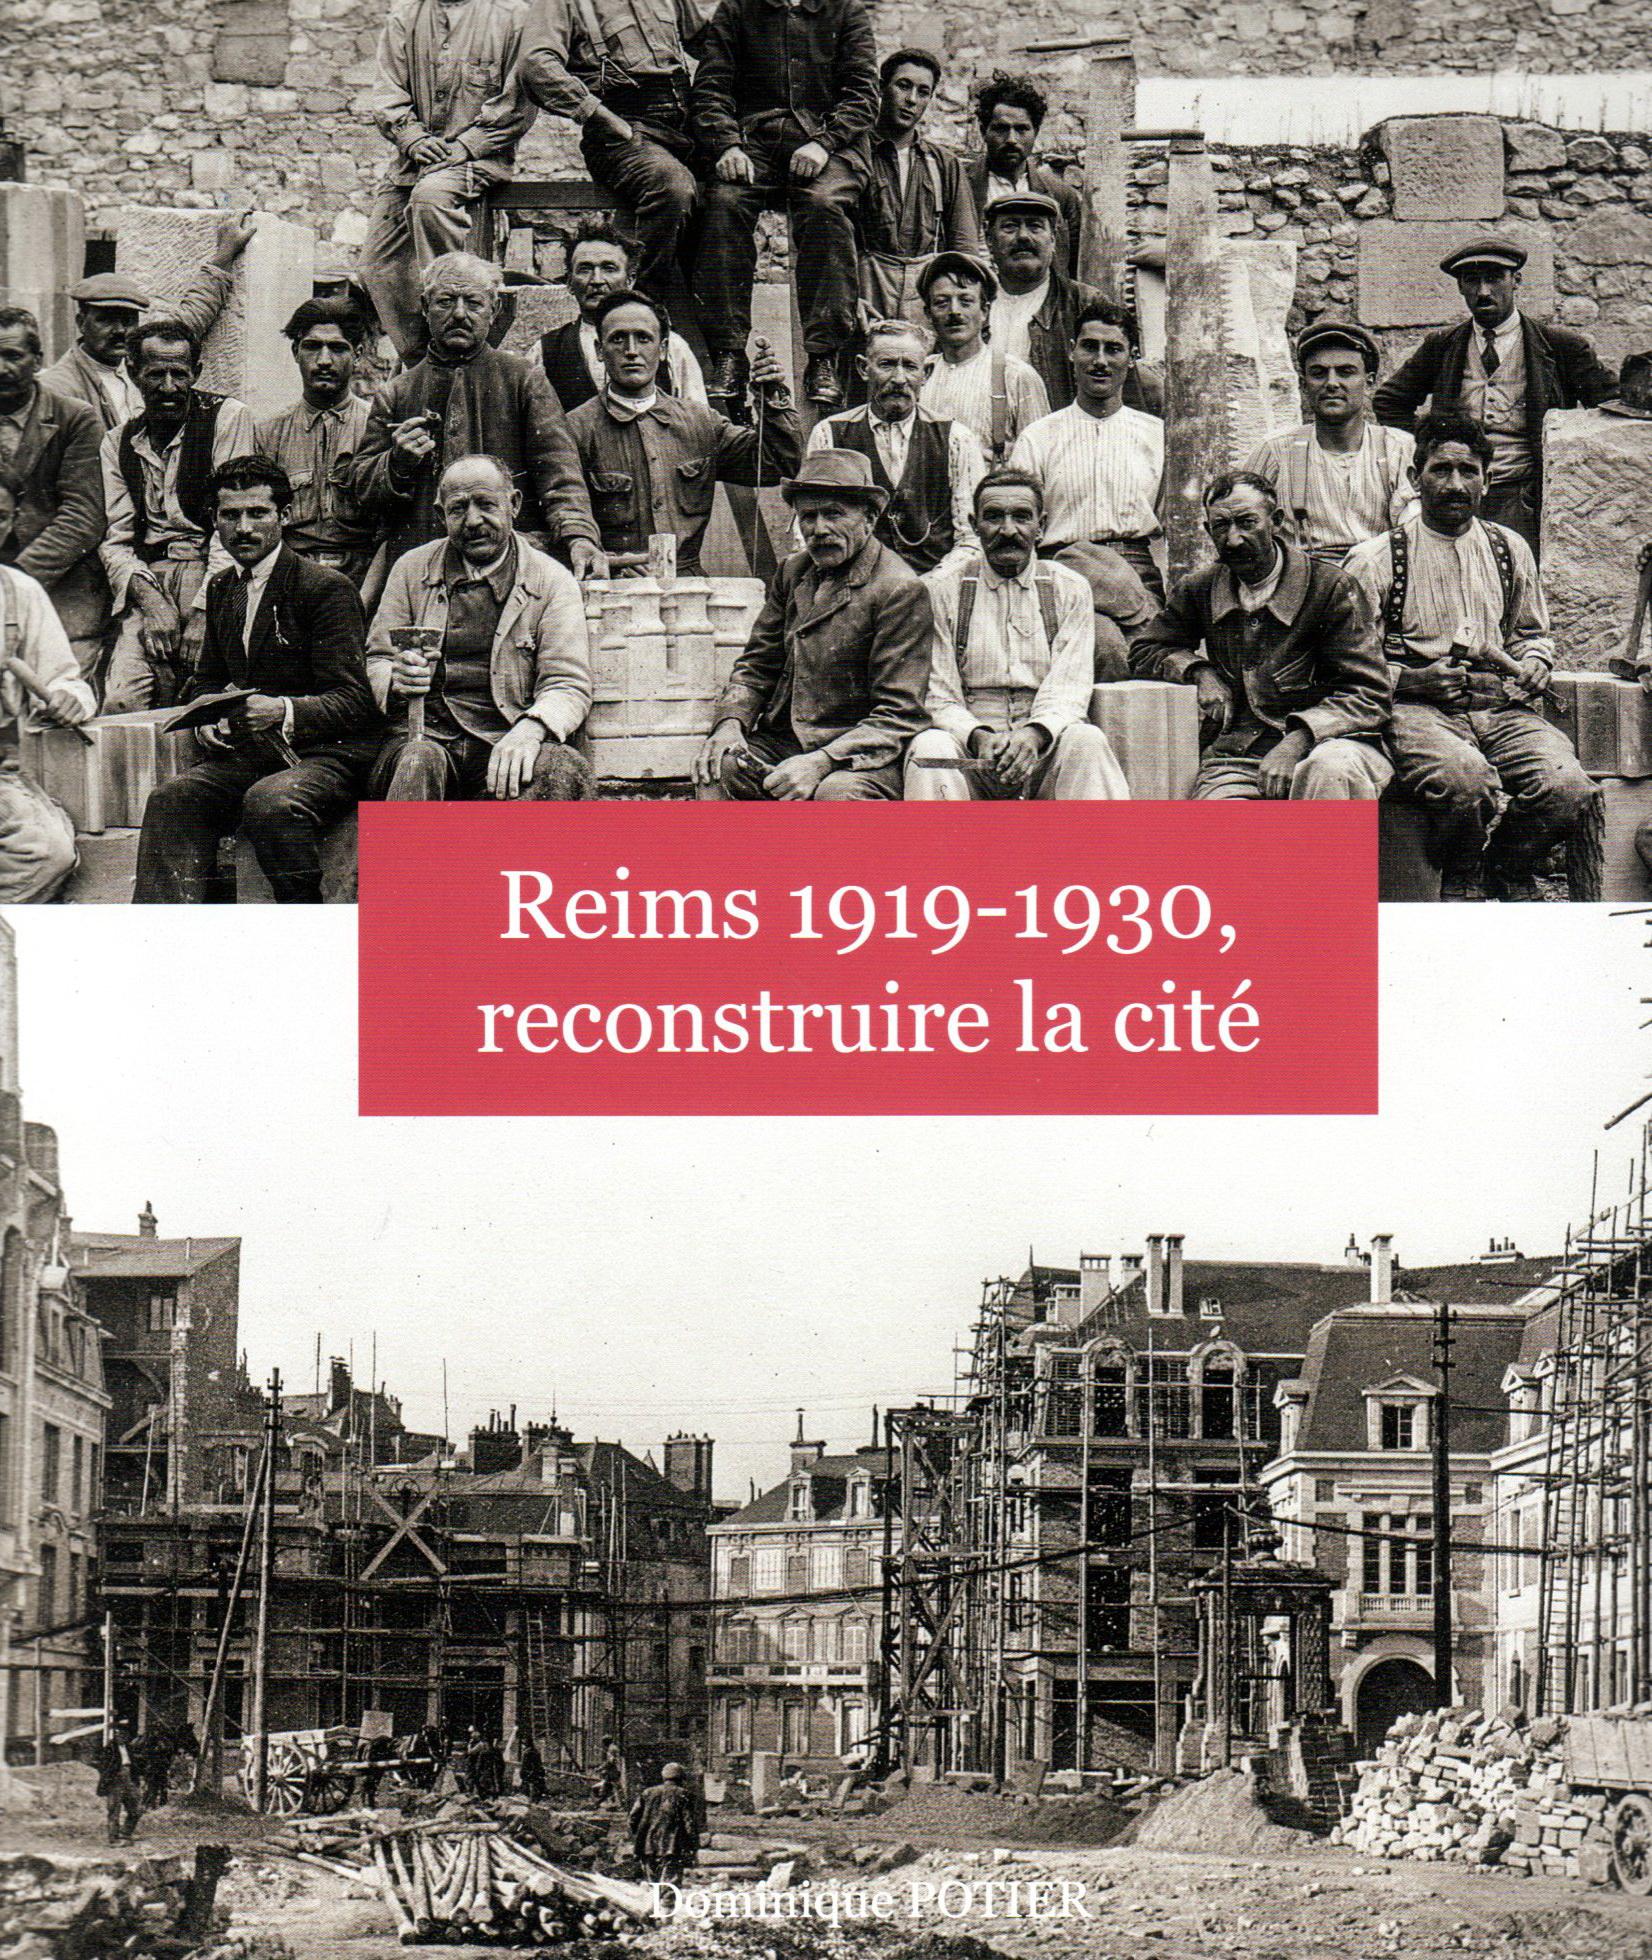 Reims 1919-1930, reconstruire la cité